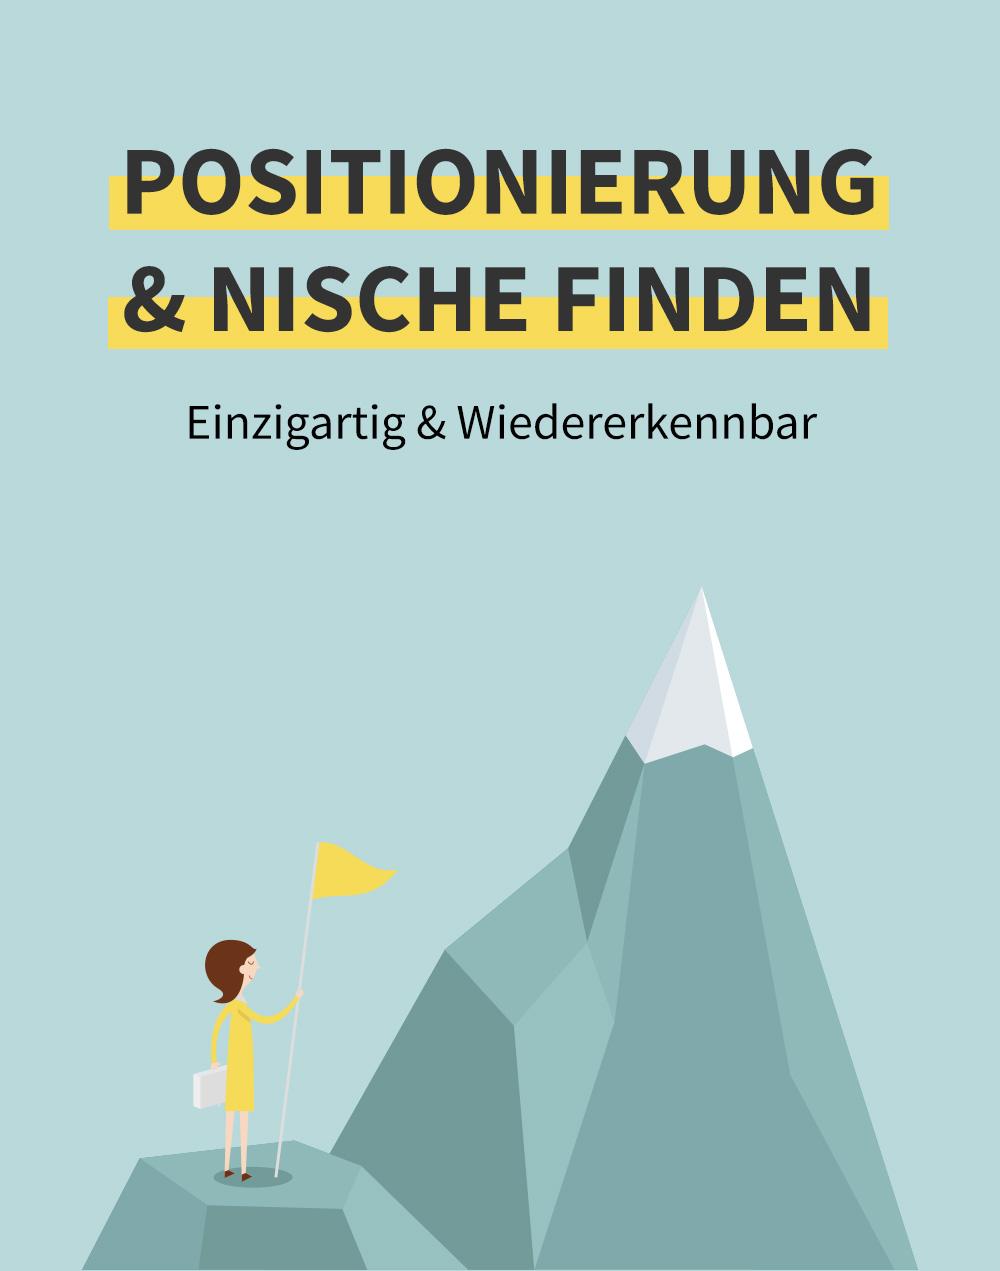 Positionierung & Nische finden